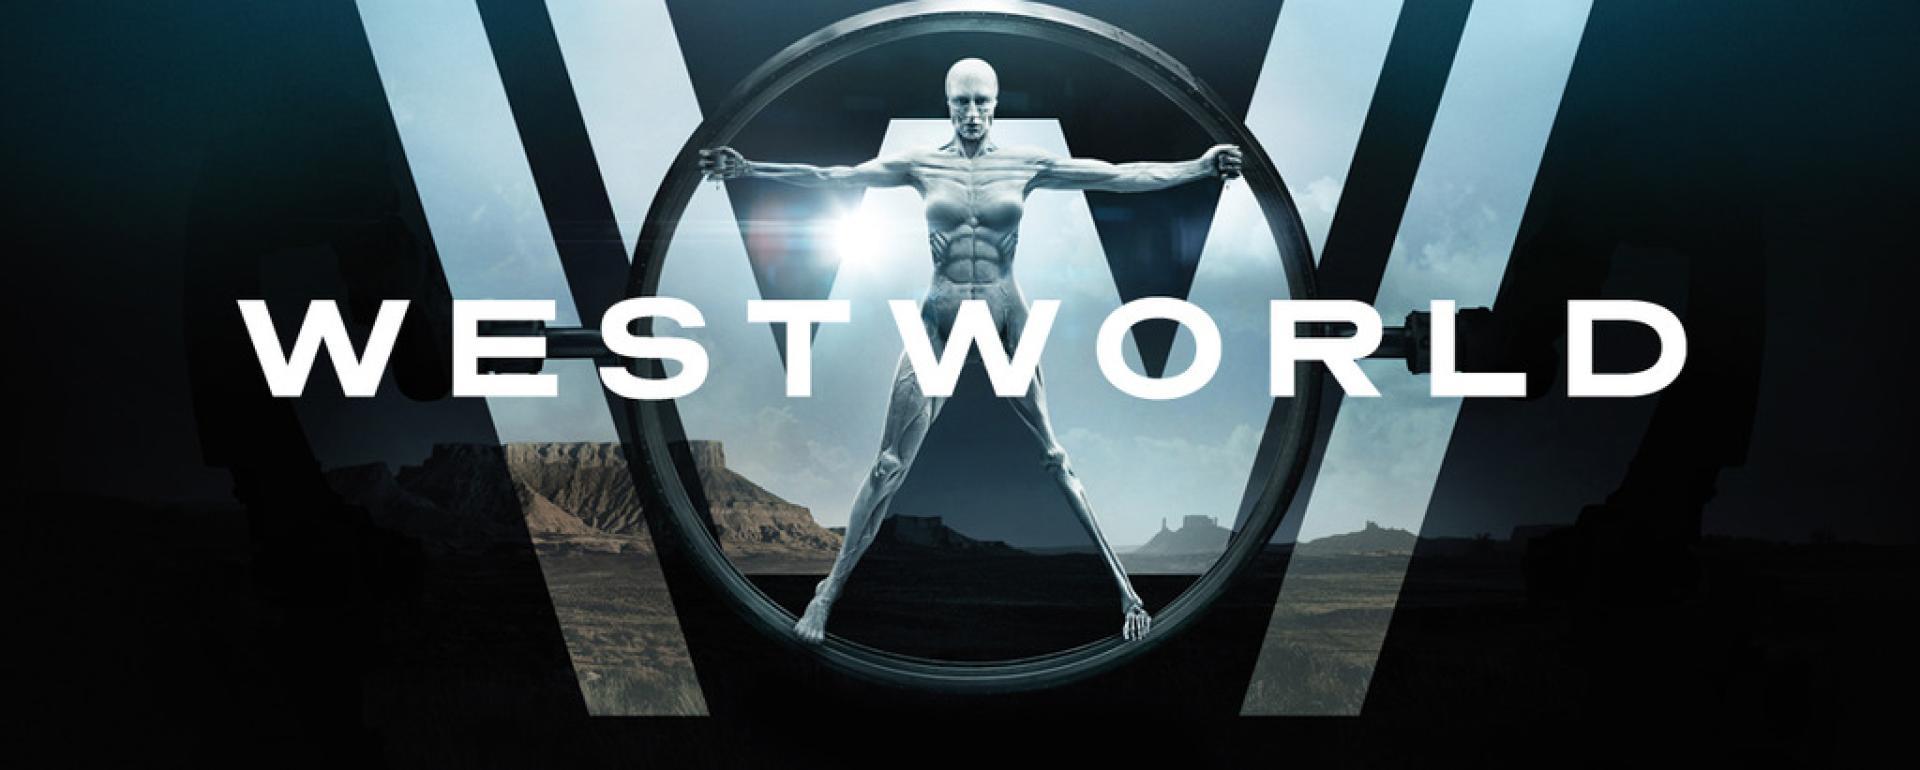 Westworld: 1. évad értékelése